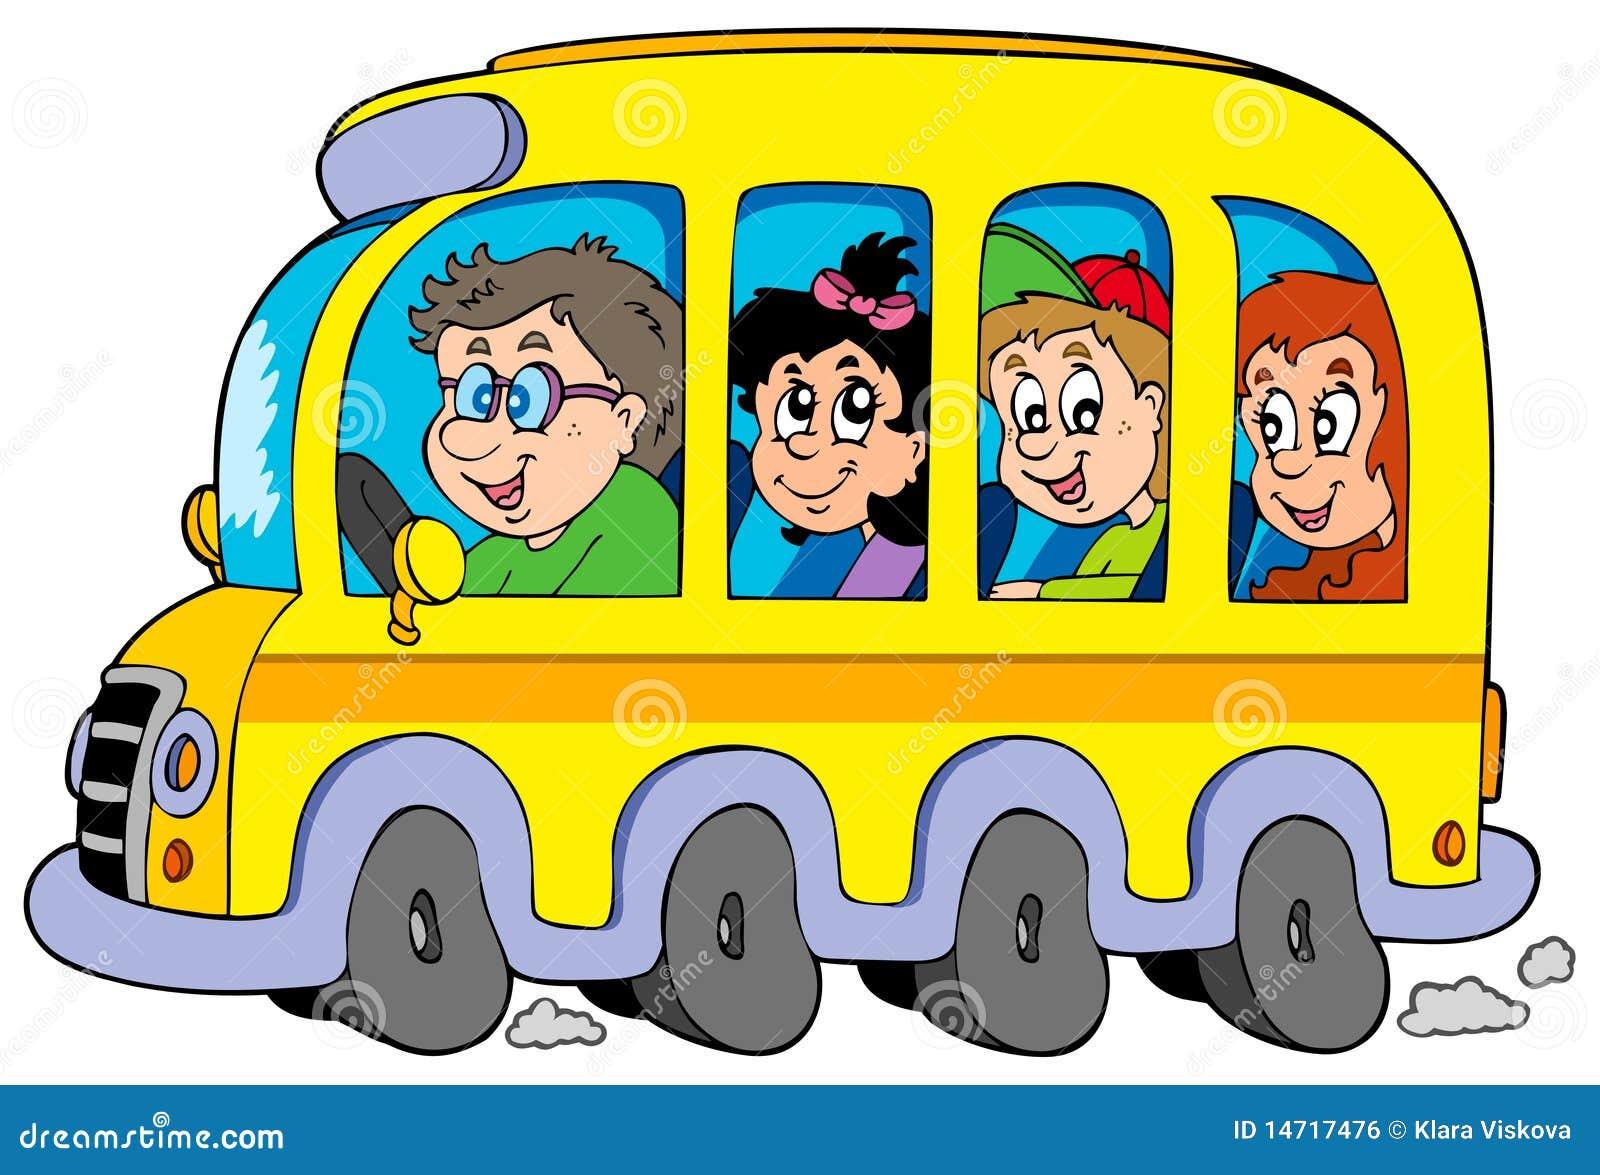 Autobus scolaire de dessin anim avec des gosses image - Autobus scolaire dessin ...